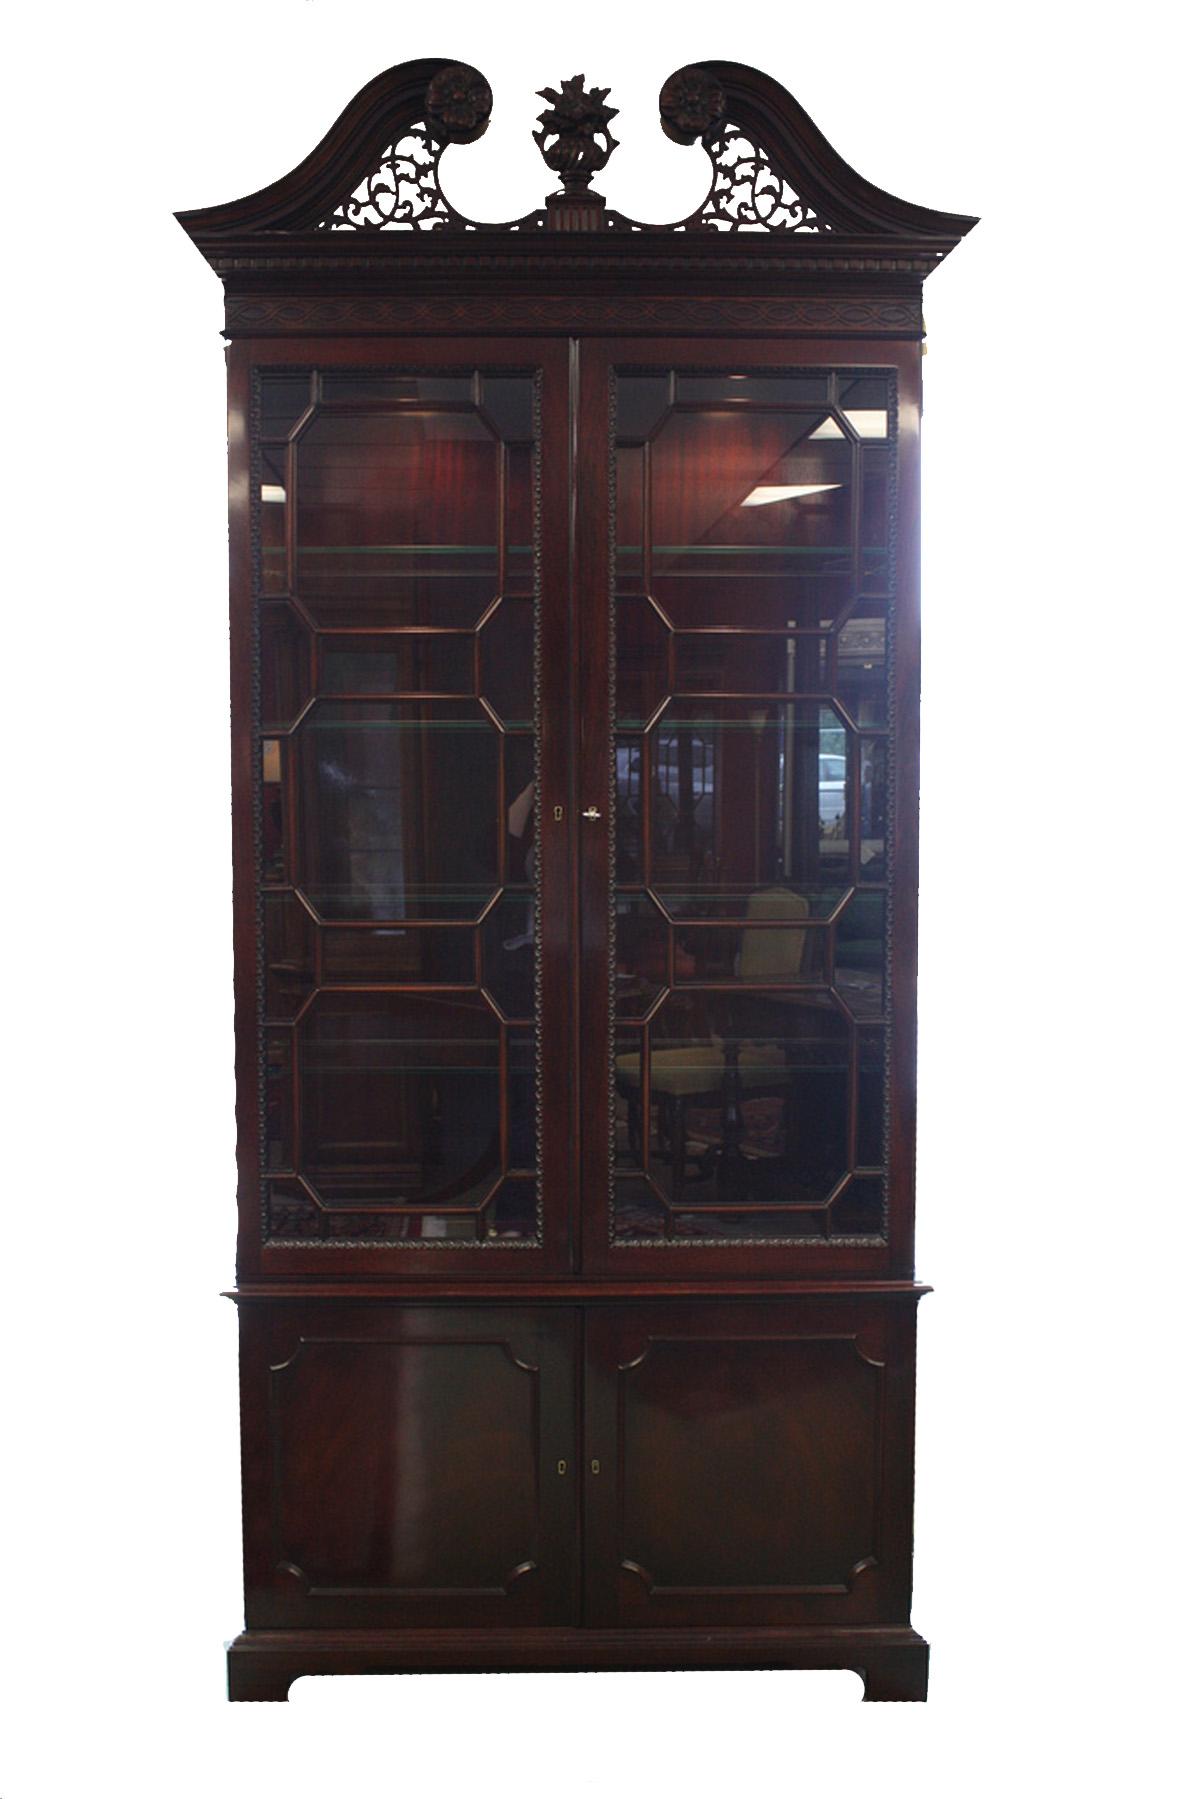 FCG mahogany cabinet